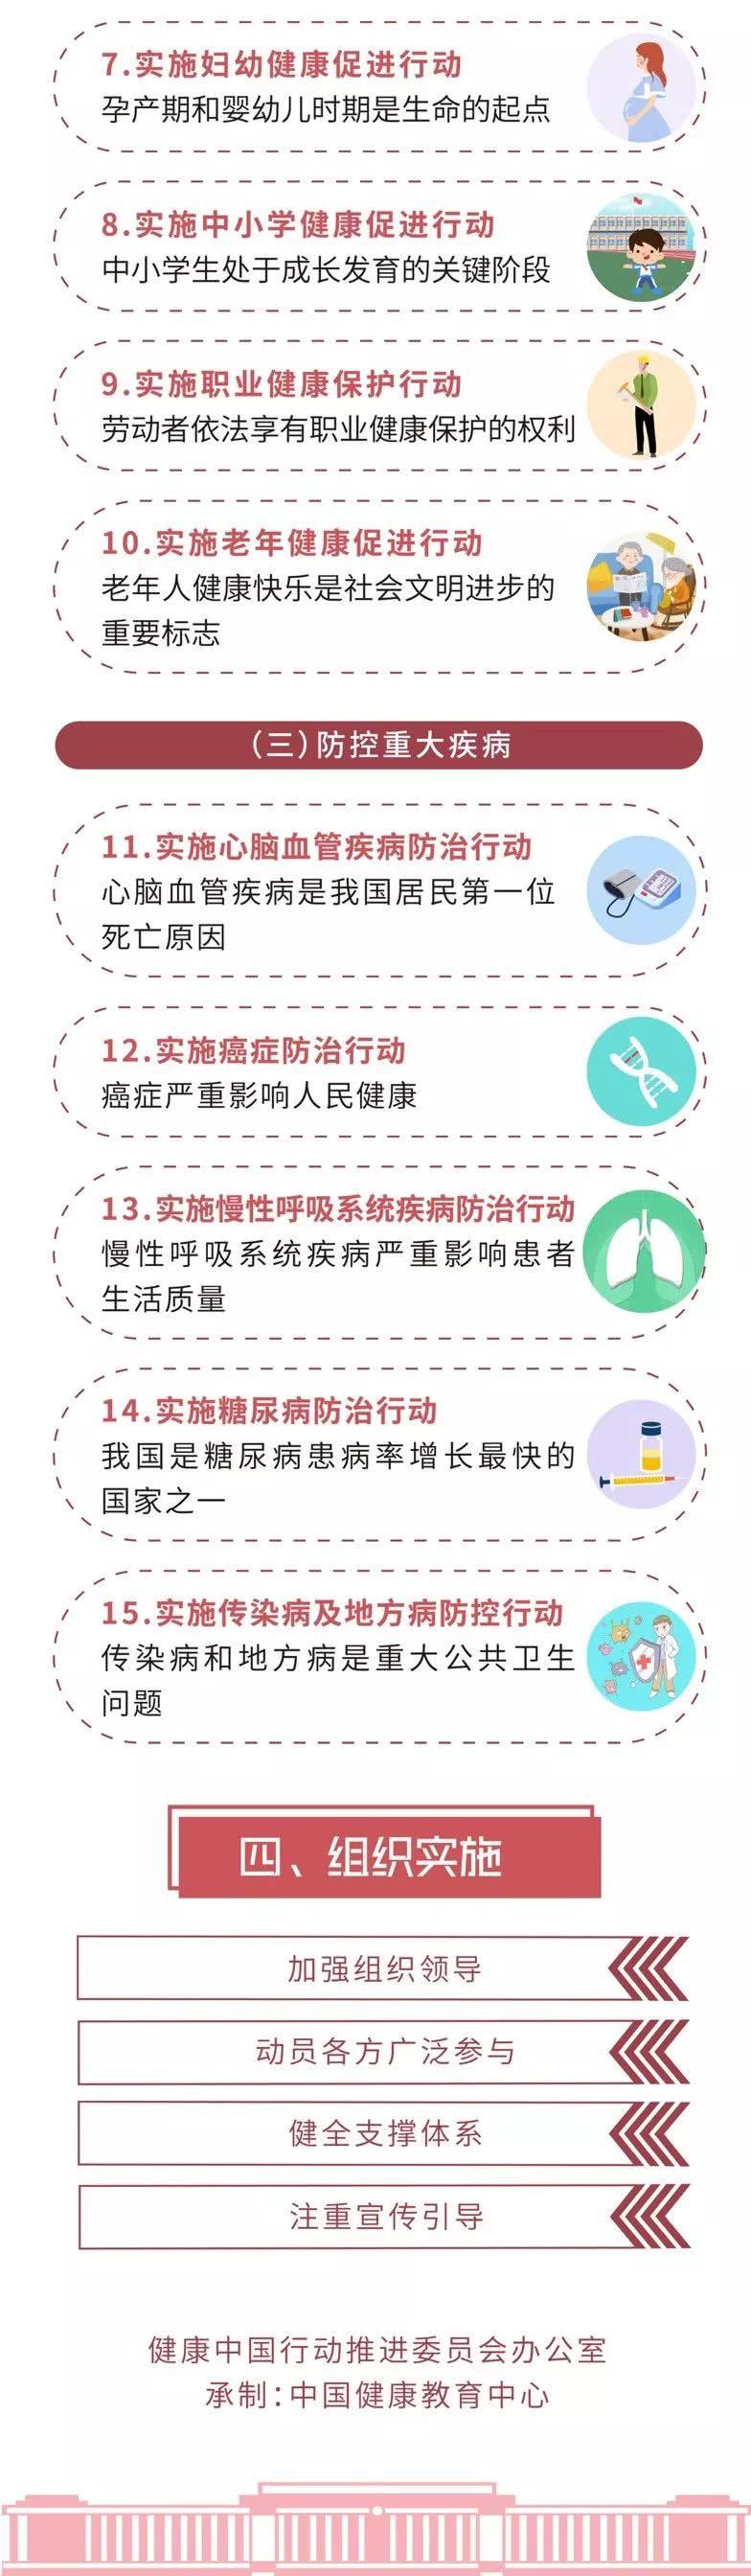 一张图让你读懂国务院关于实施健康中国行动的意见,还不赶紧了解下!